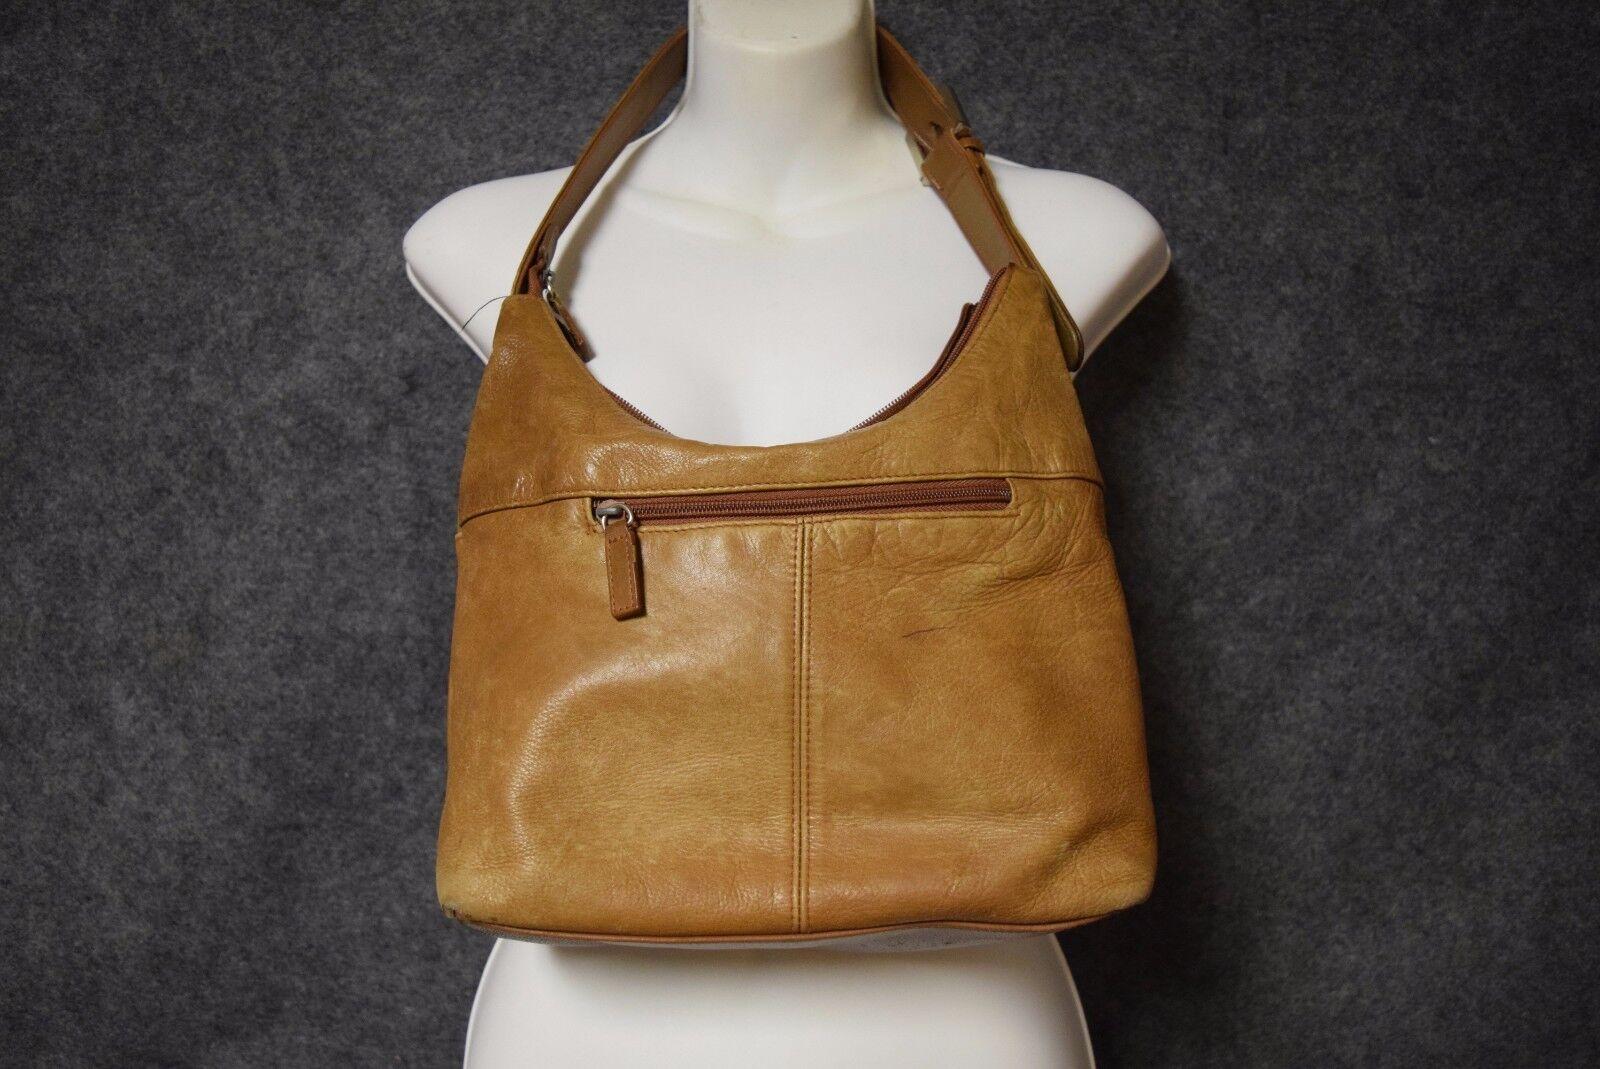 Stone & Co Leather Shoulder Bag Handbag Purse - Light Brown